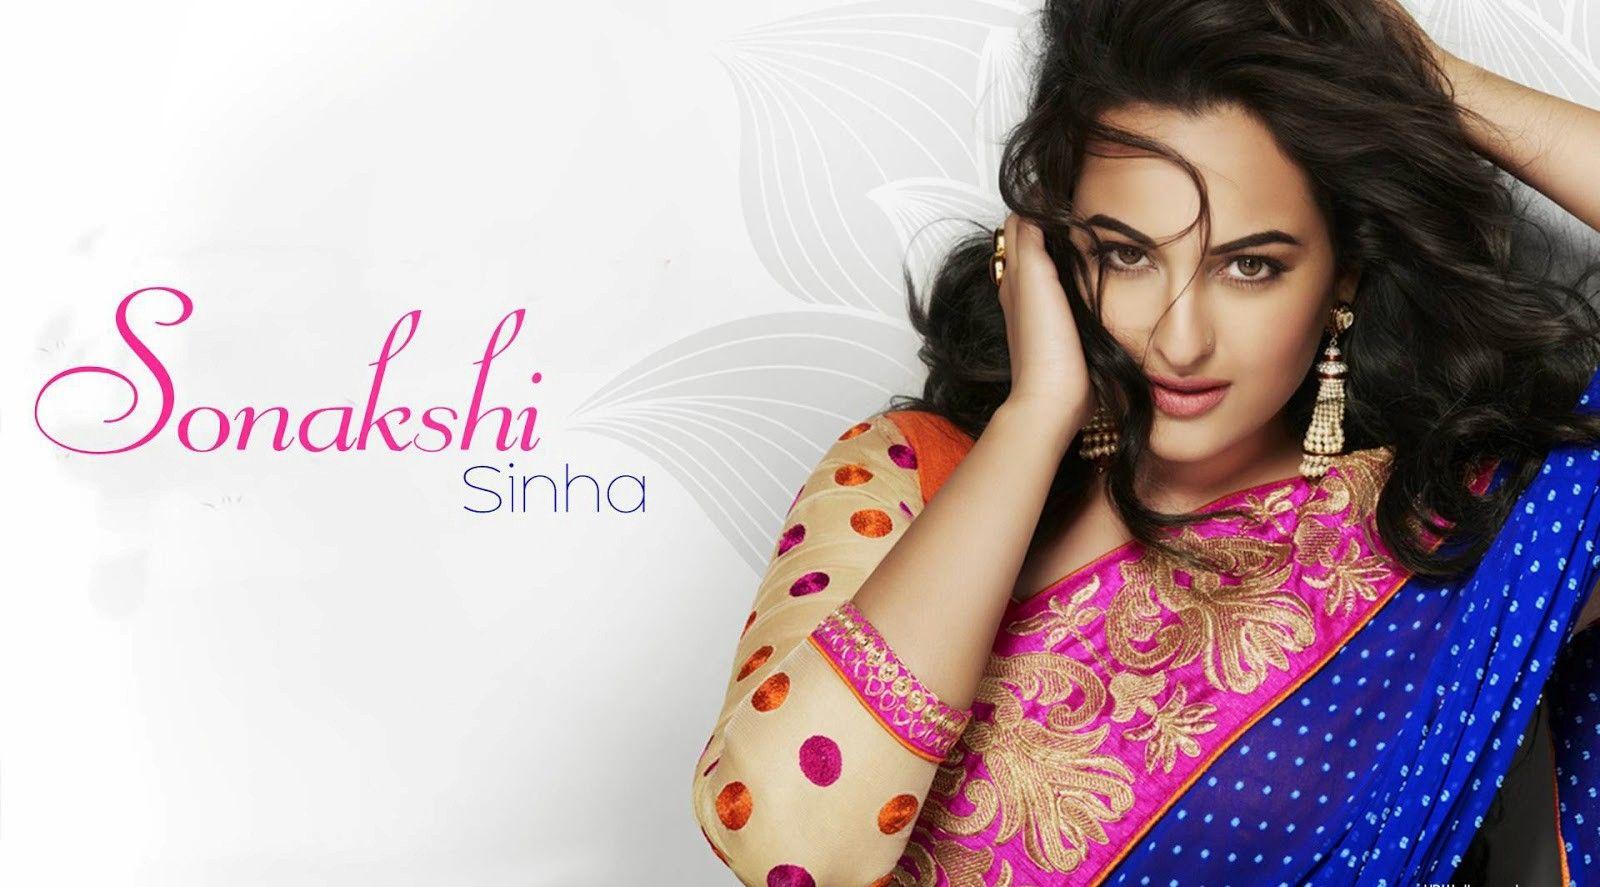 Sonakshi_Sinha_wallpaper_96153121